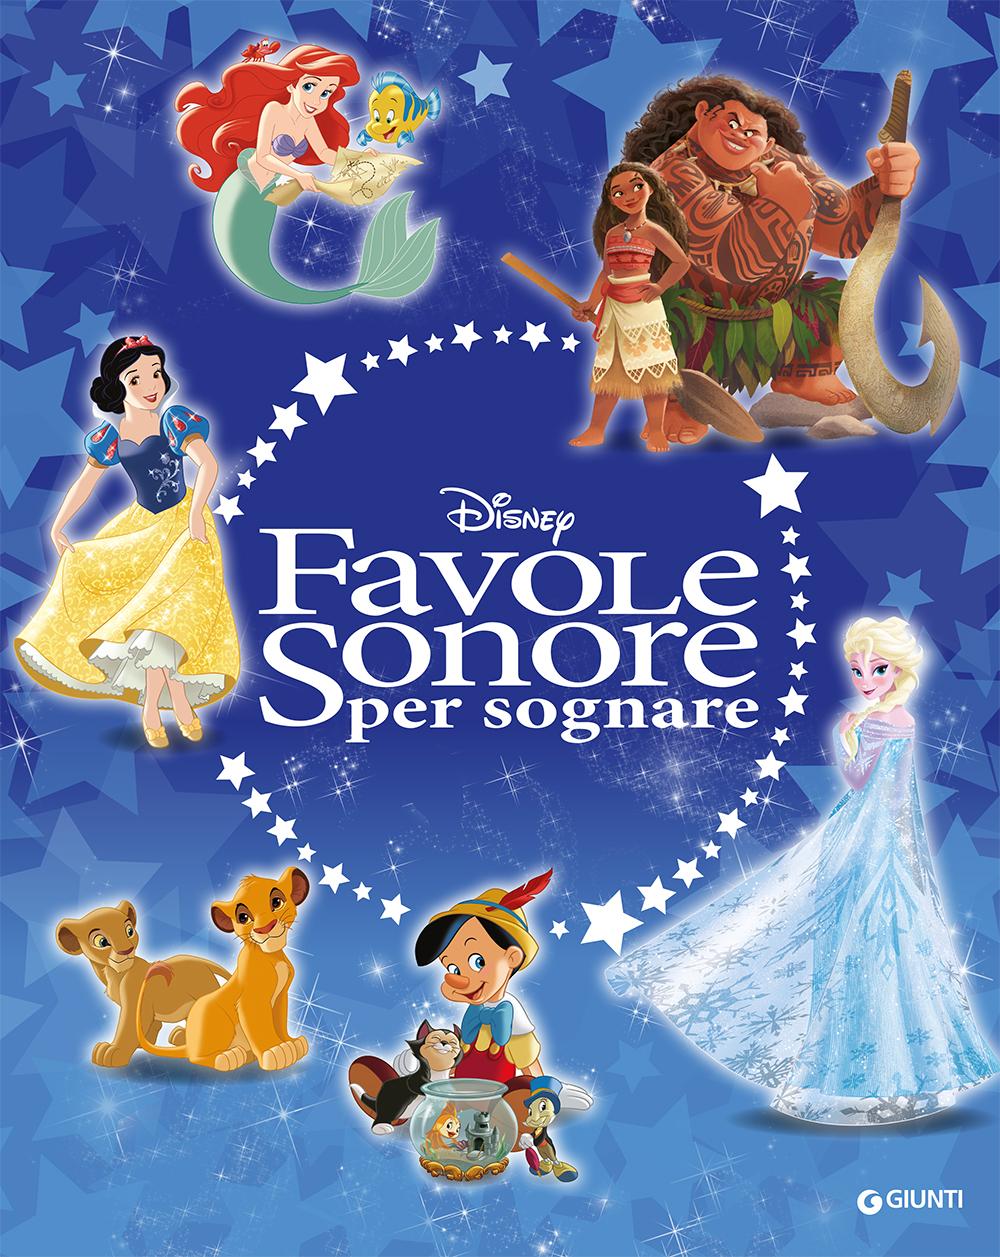 Favole Sonore - Favole Sonore per sognare